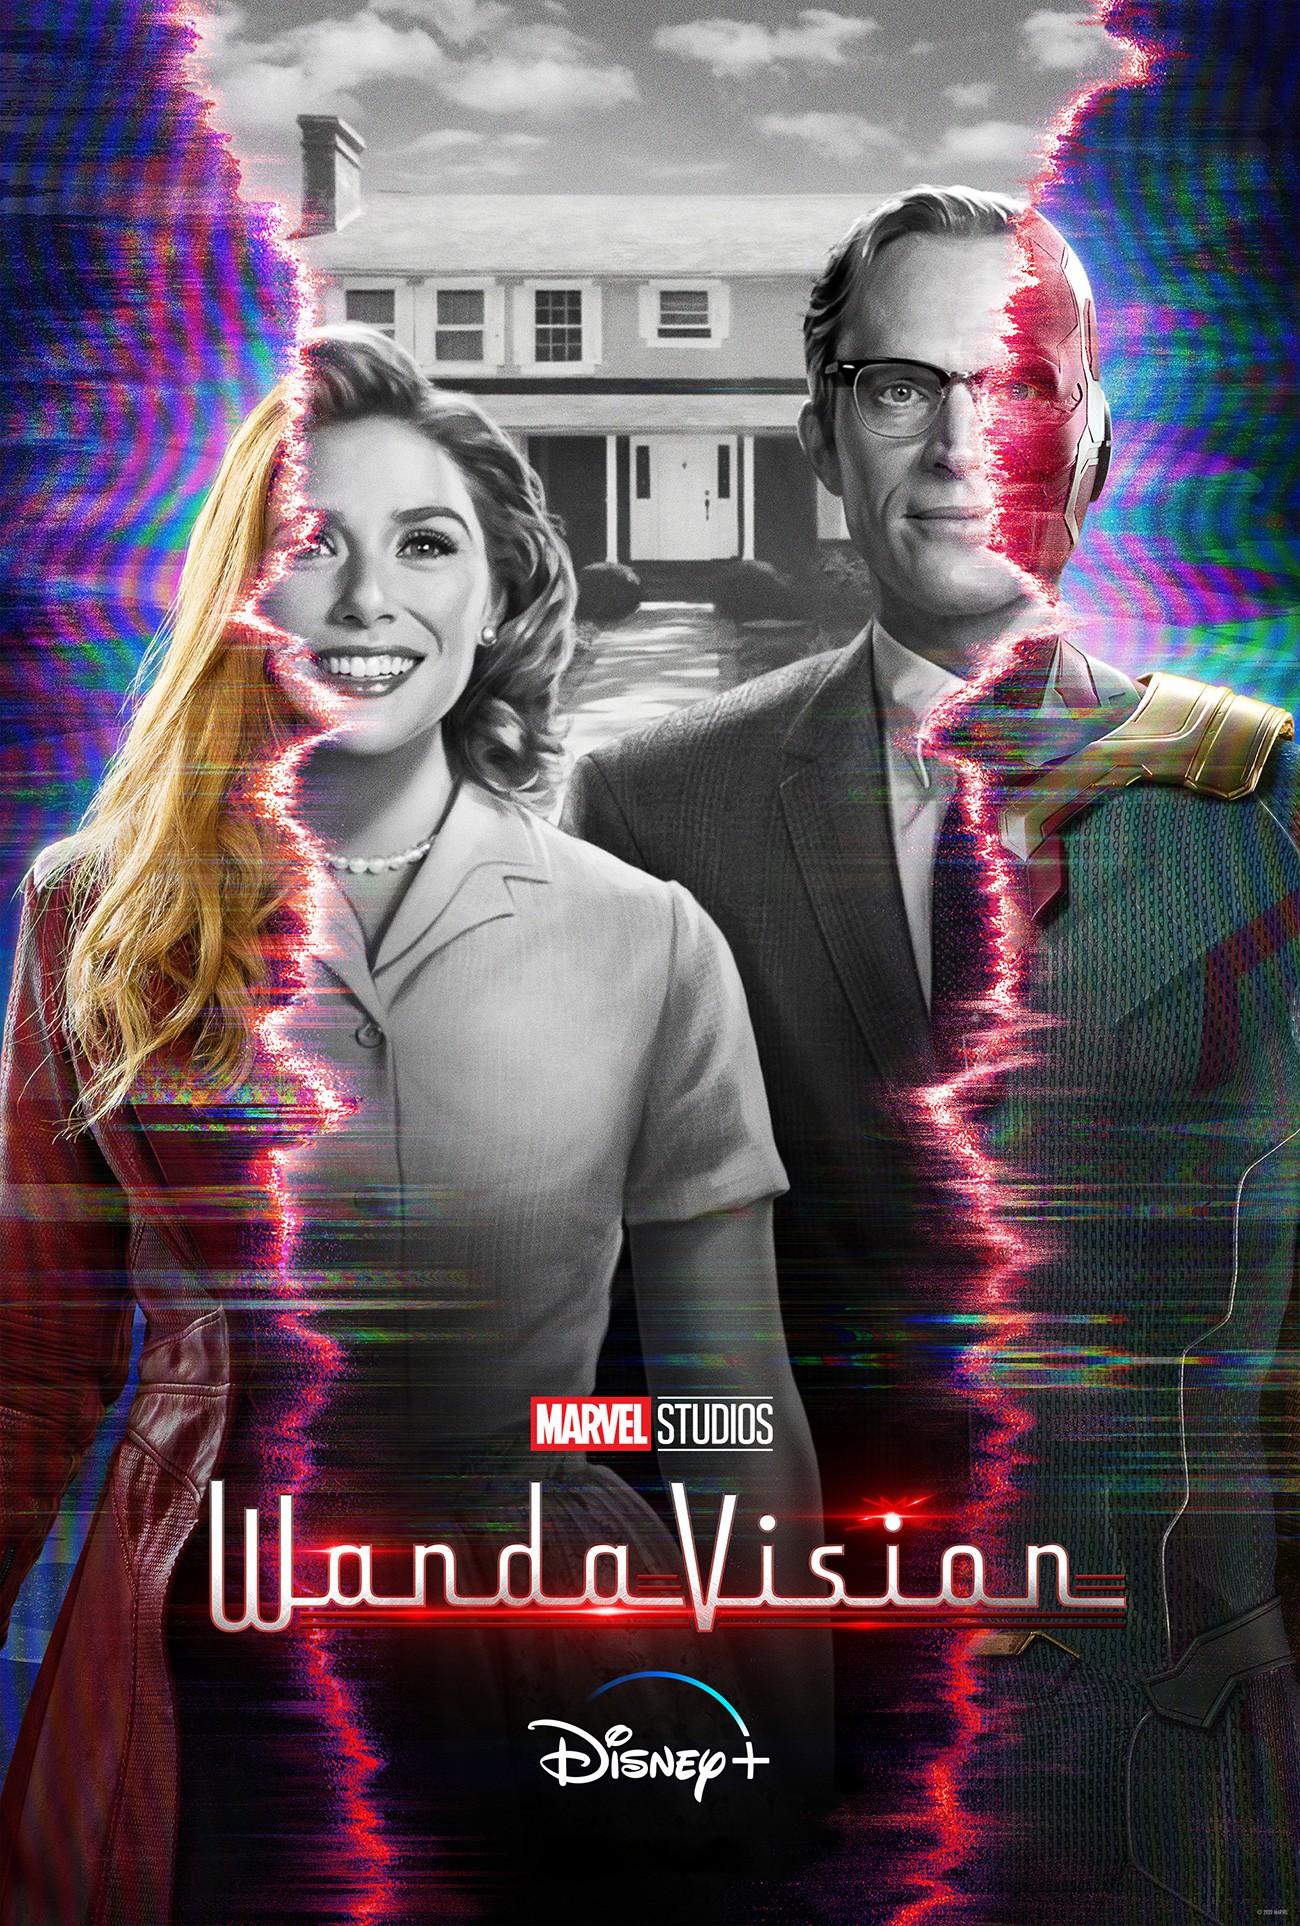 El vestuario de Wandavision, acá te dejamos algunos datos que podrían interesarte